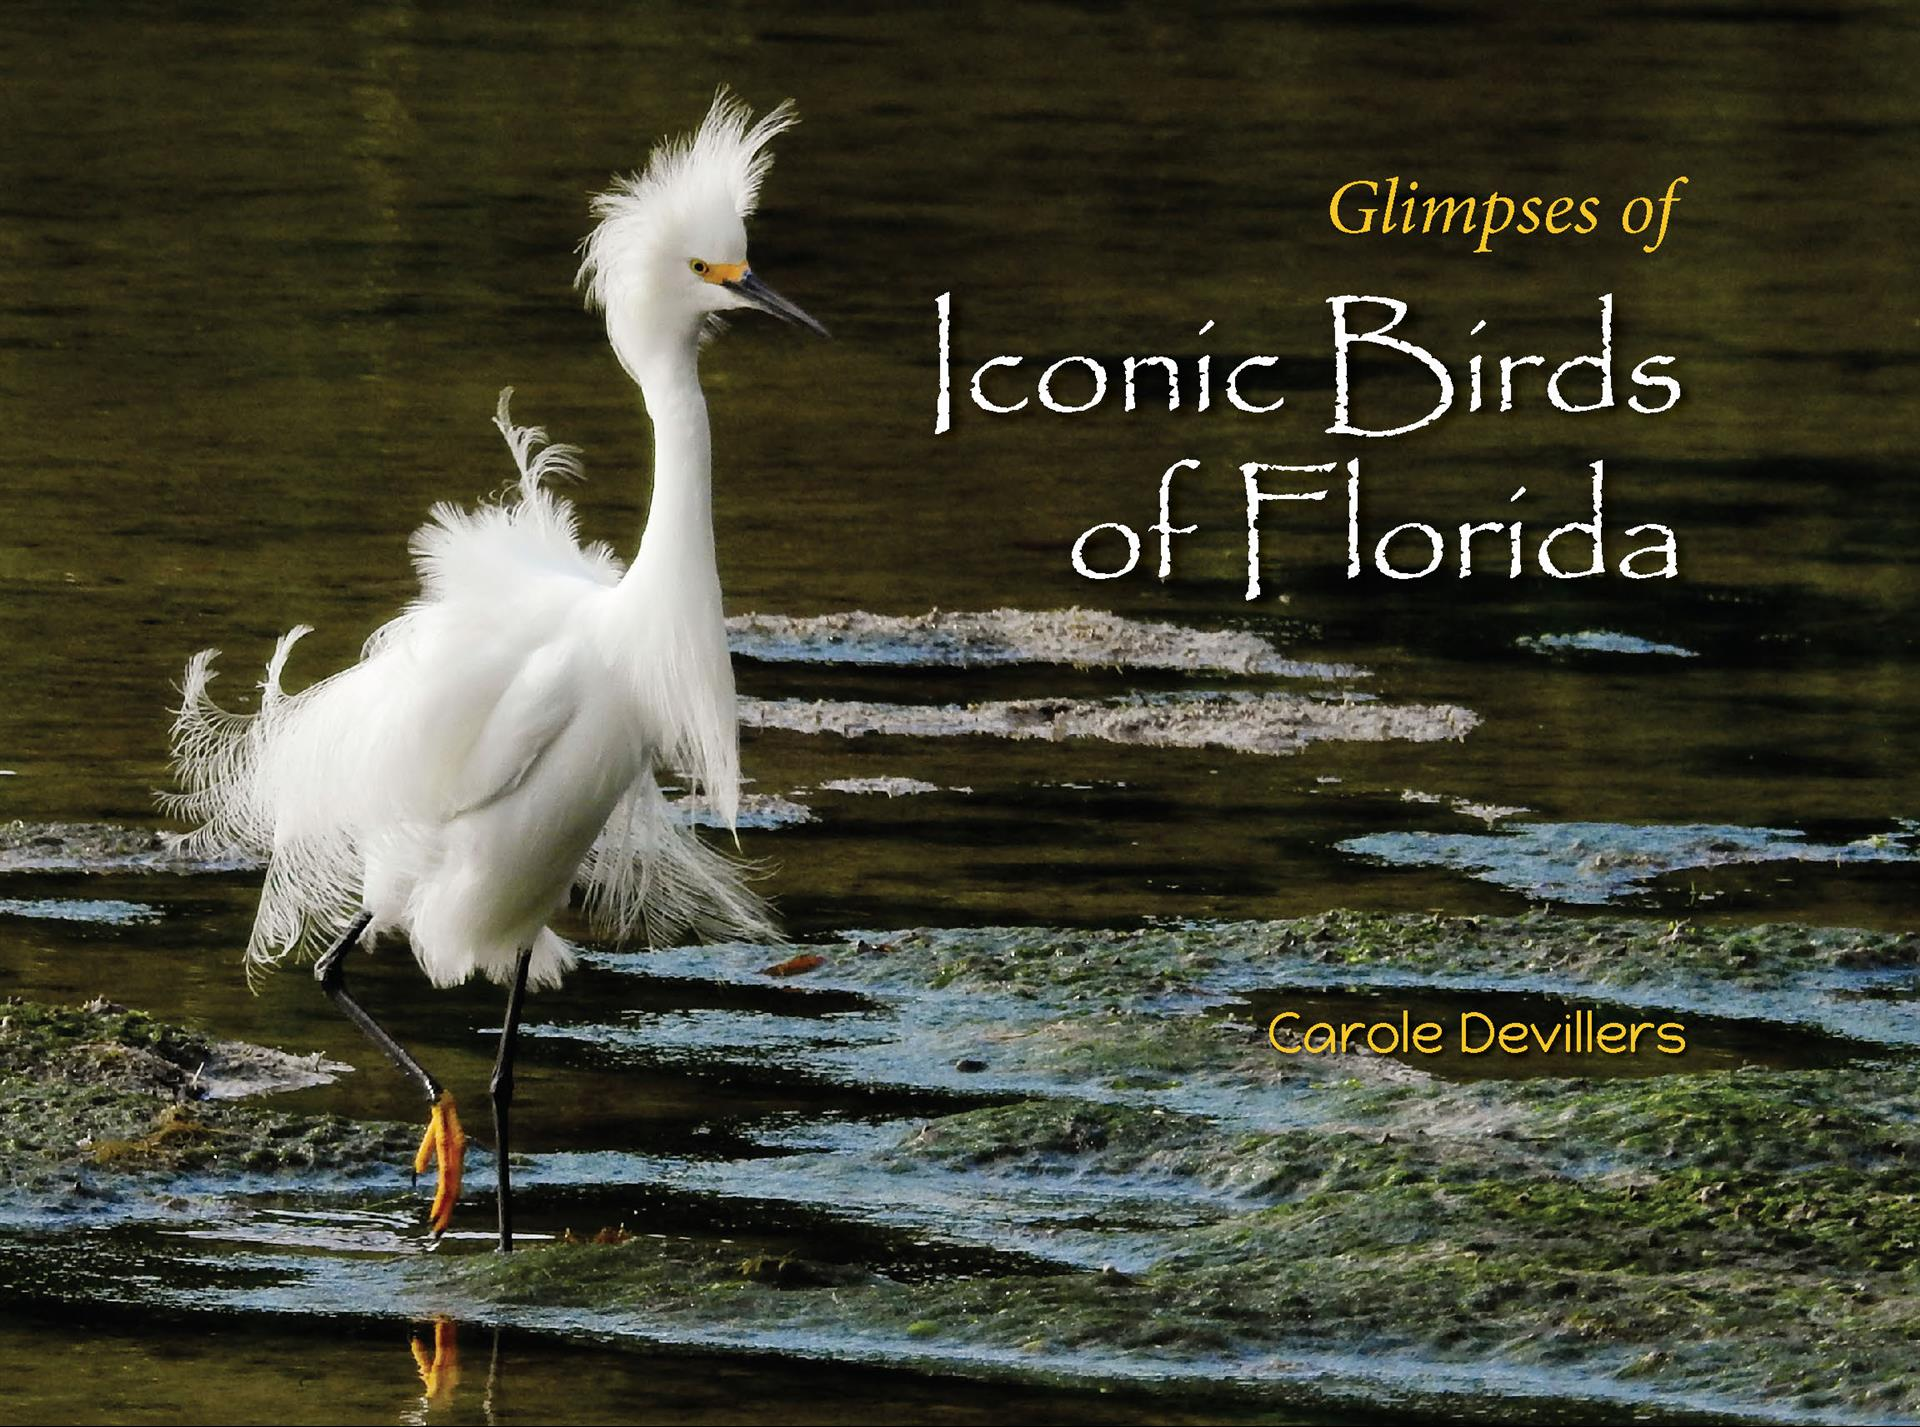 Iconic Birds of Florida